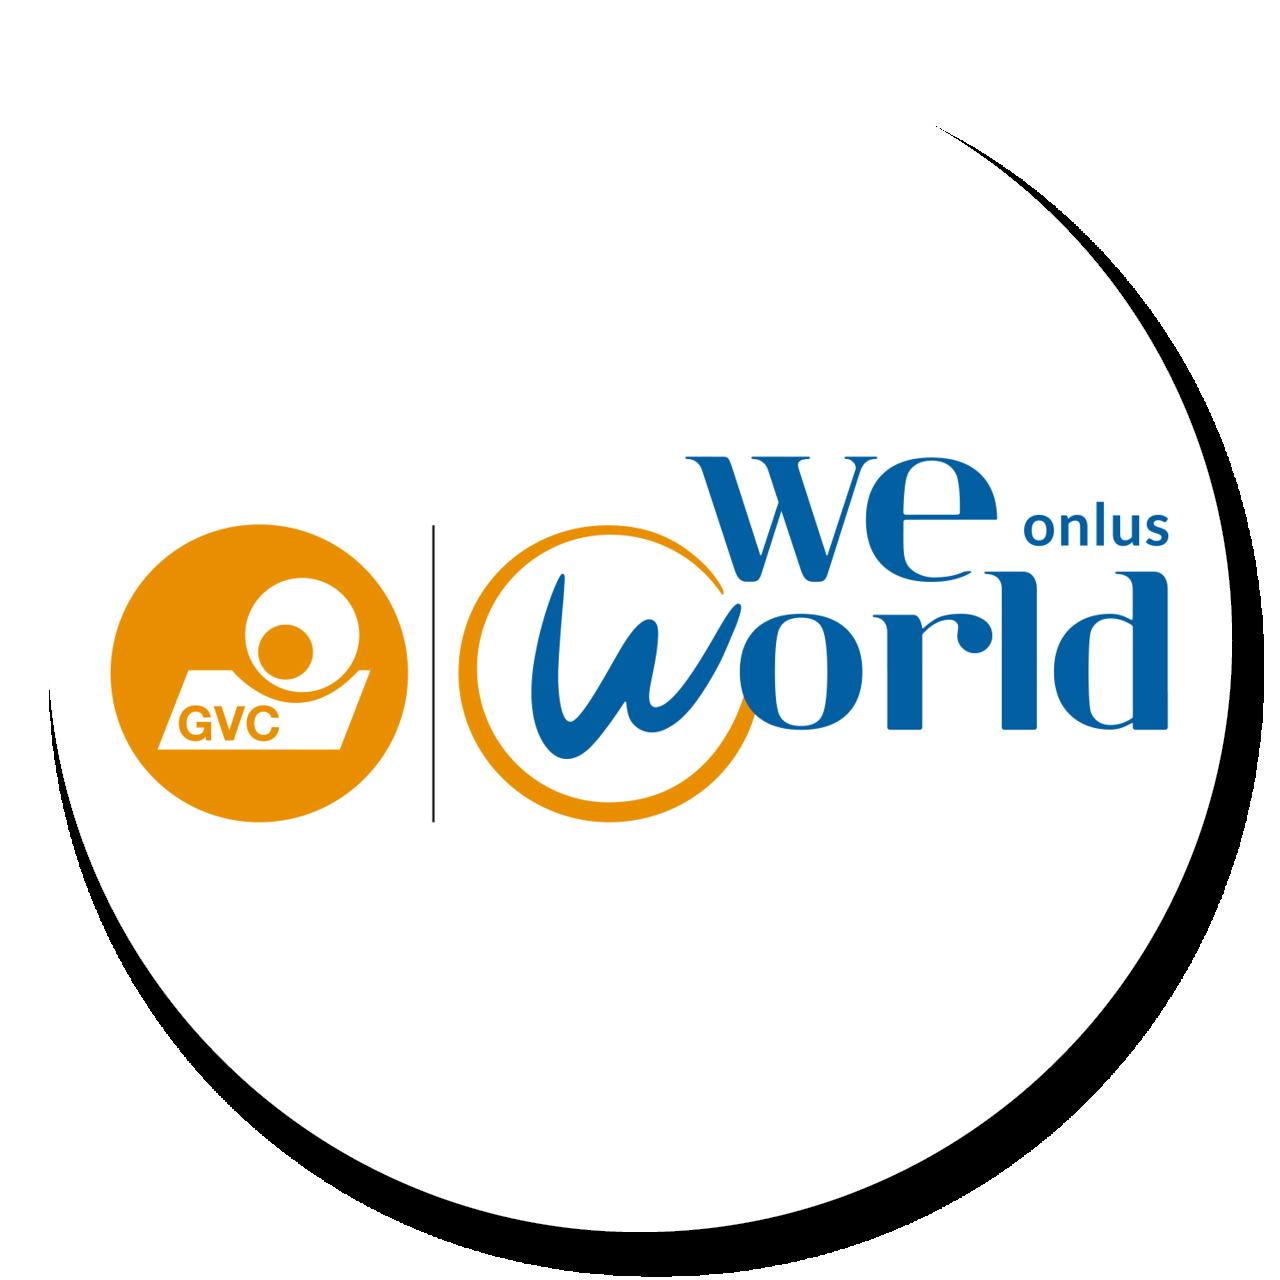 premio donazione gvc weworld